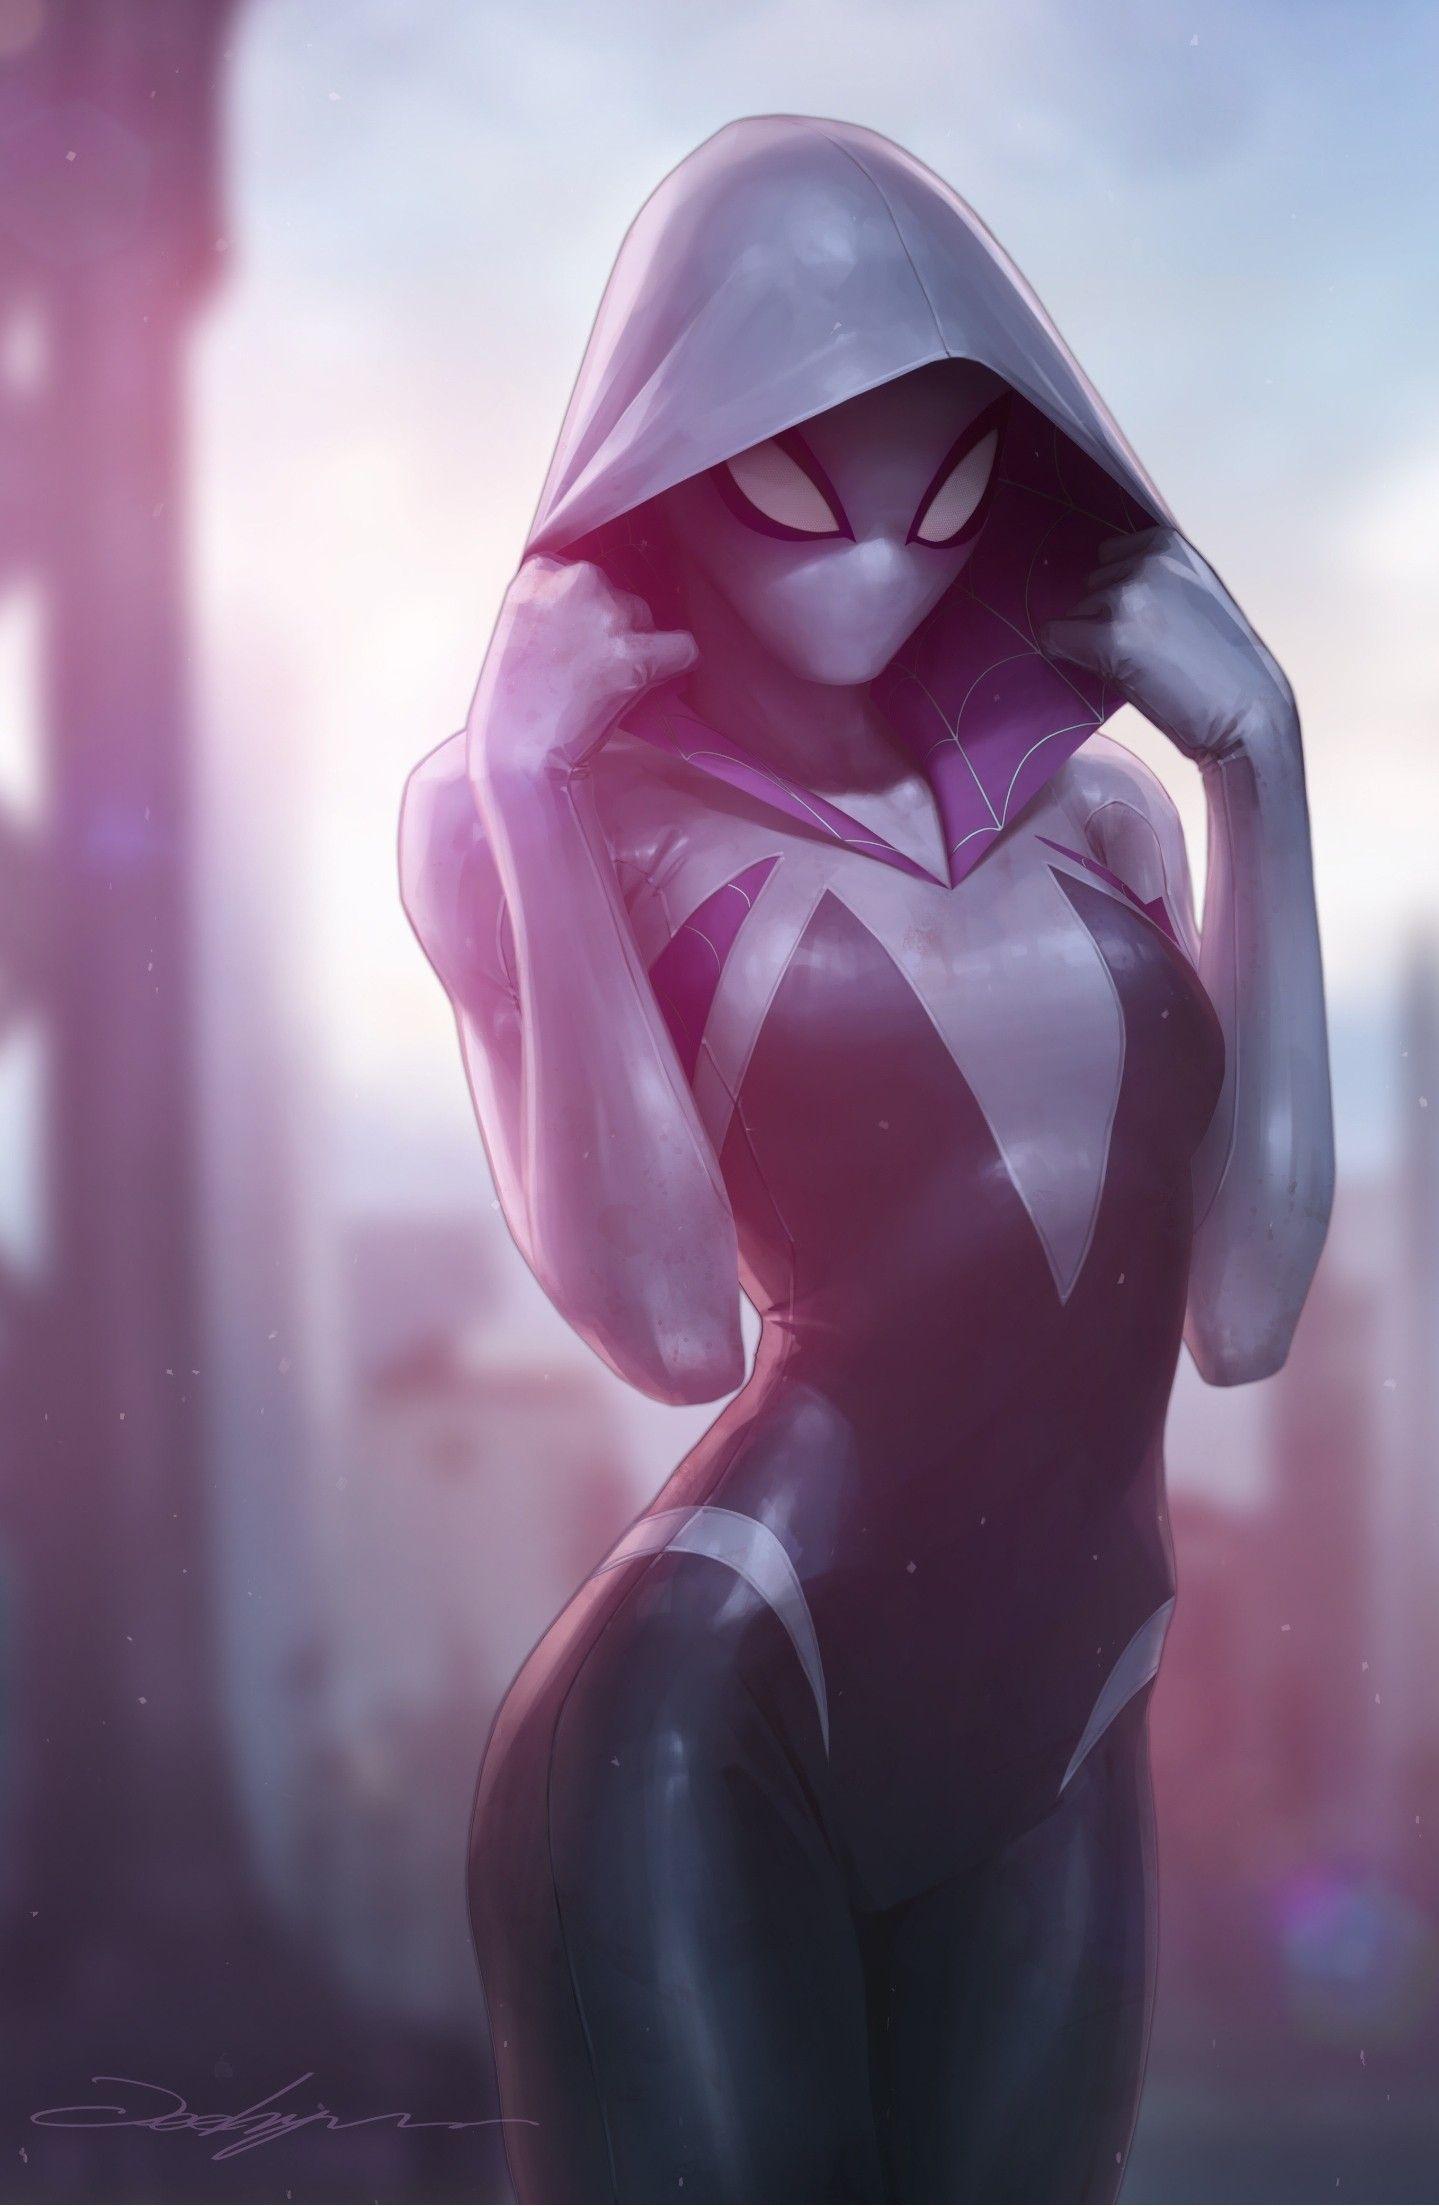 Gwen Stacy 2 Jeehyung Lee In 2020 Spider Gwen Gwen Stacy Marvel Spider Gwen